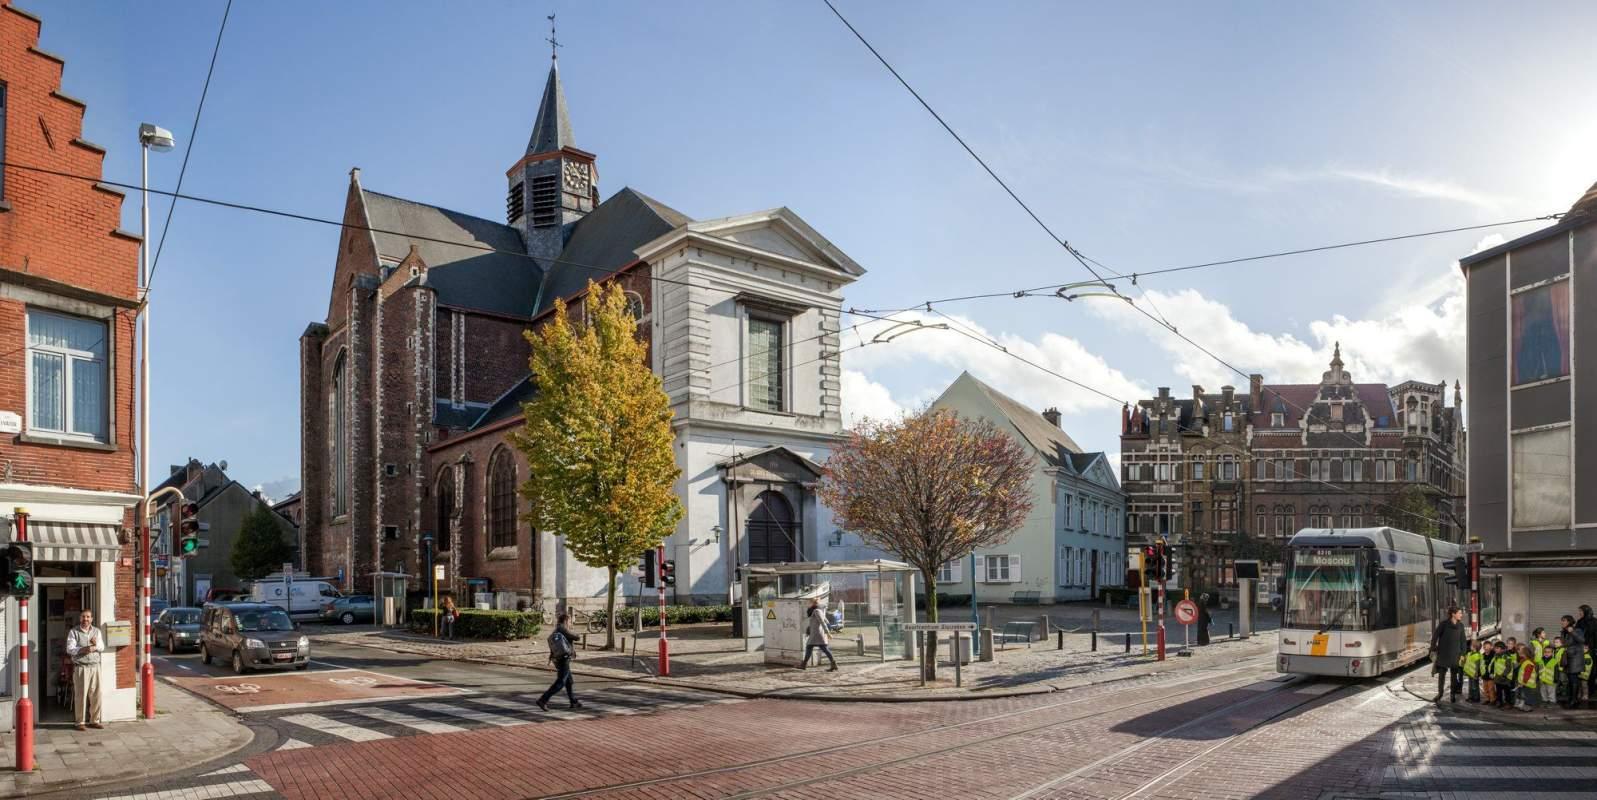 H Kerst Sleepstraat K Borghouts